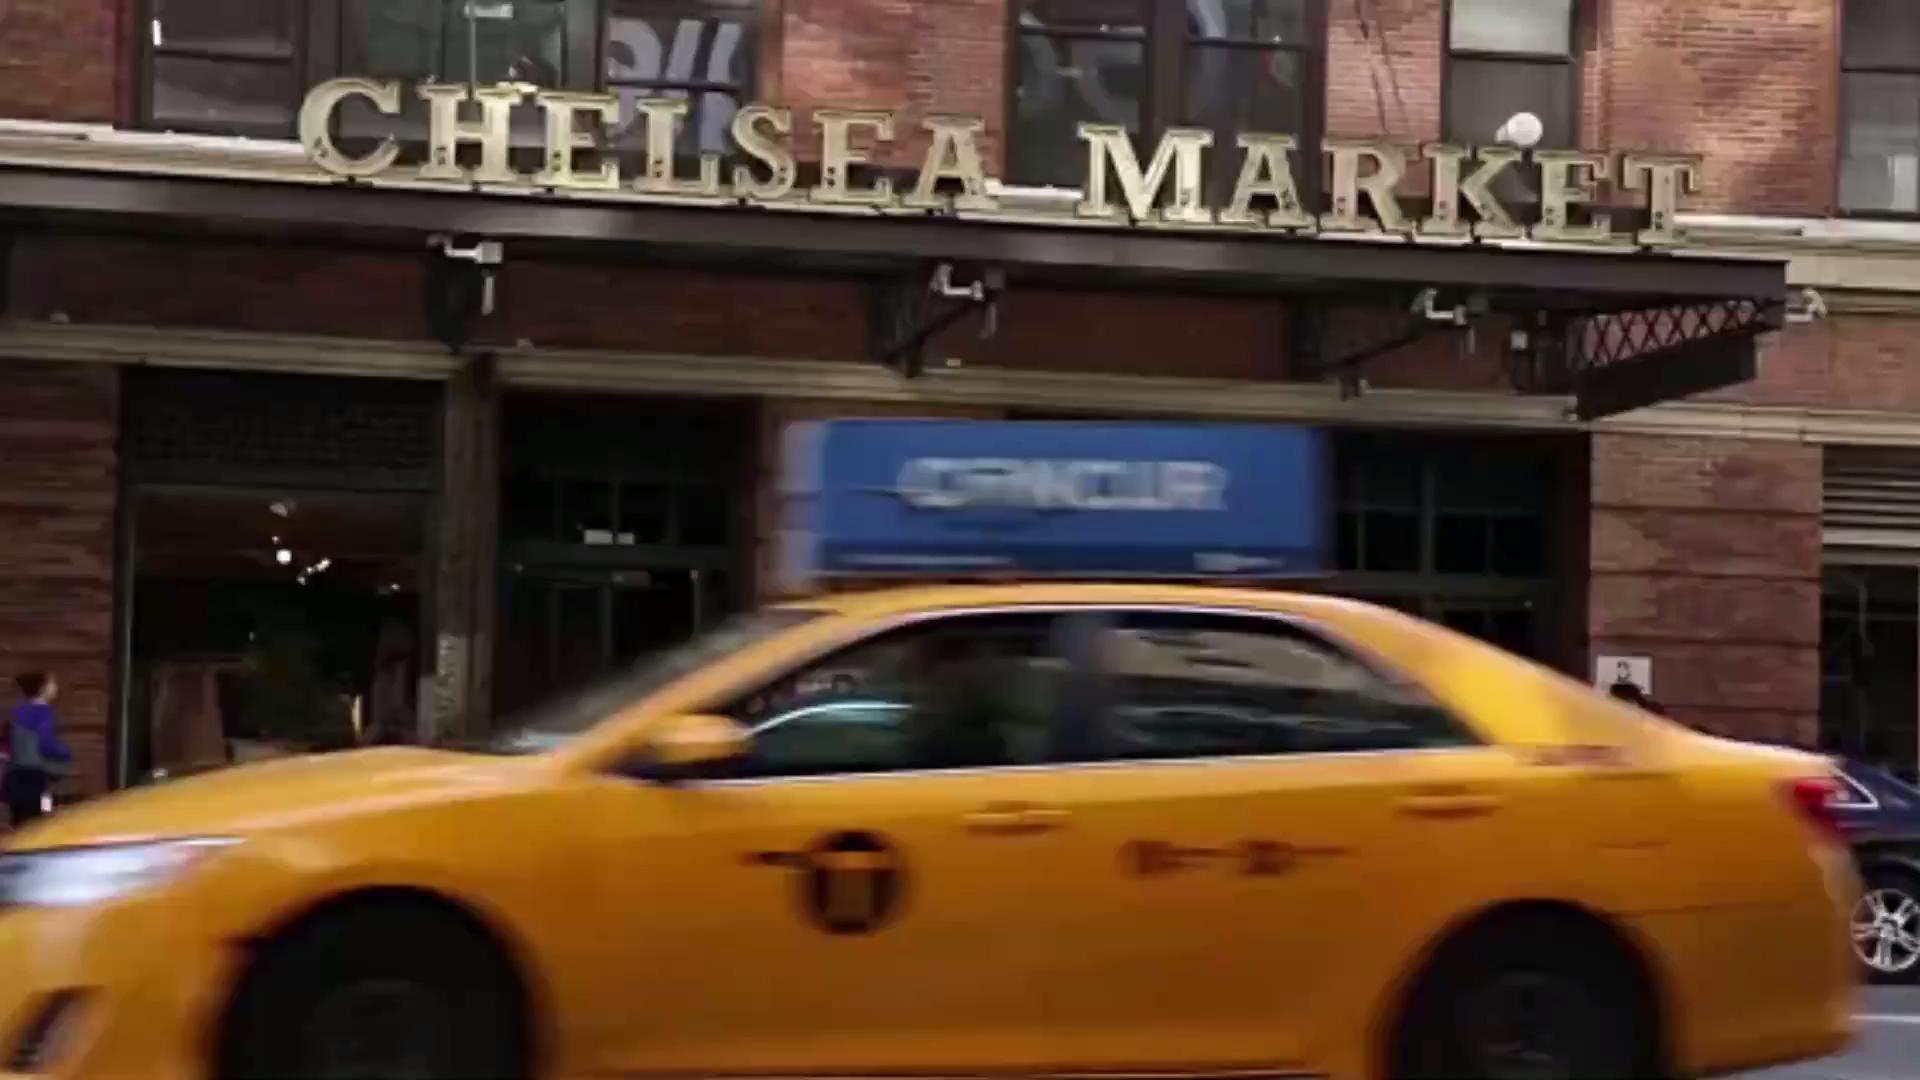 Google bought Chelsea Market for $2.4 billion.